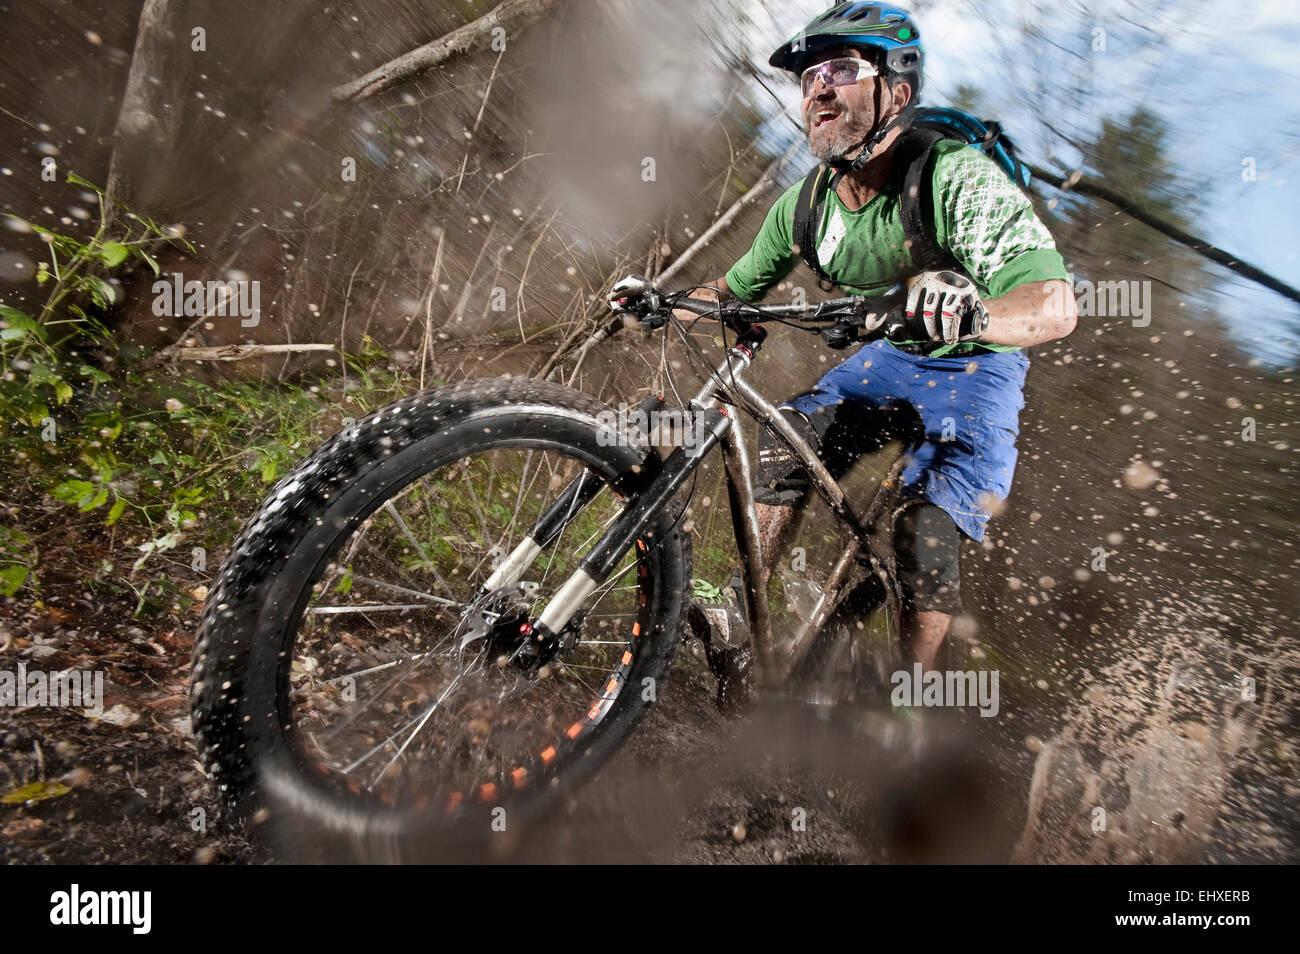 Ciclista de montaña cabalgando sobre un camino de tierra, Baviera, Alemania Imagen De Stock